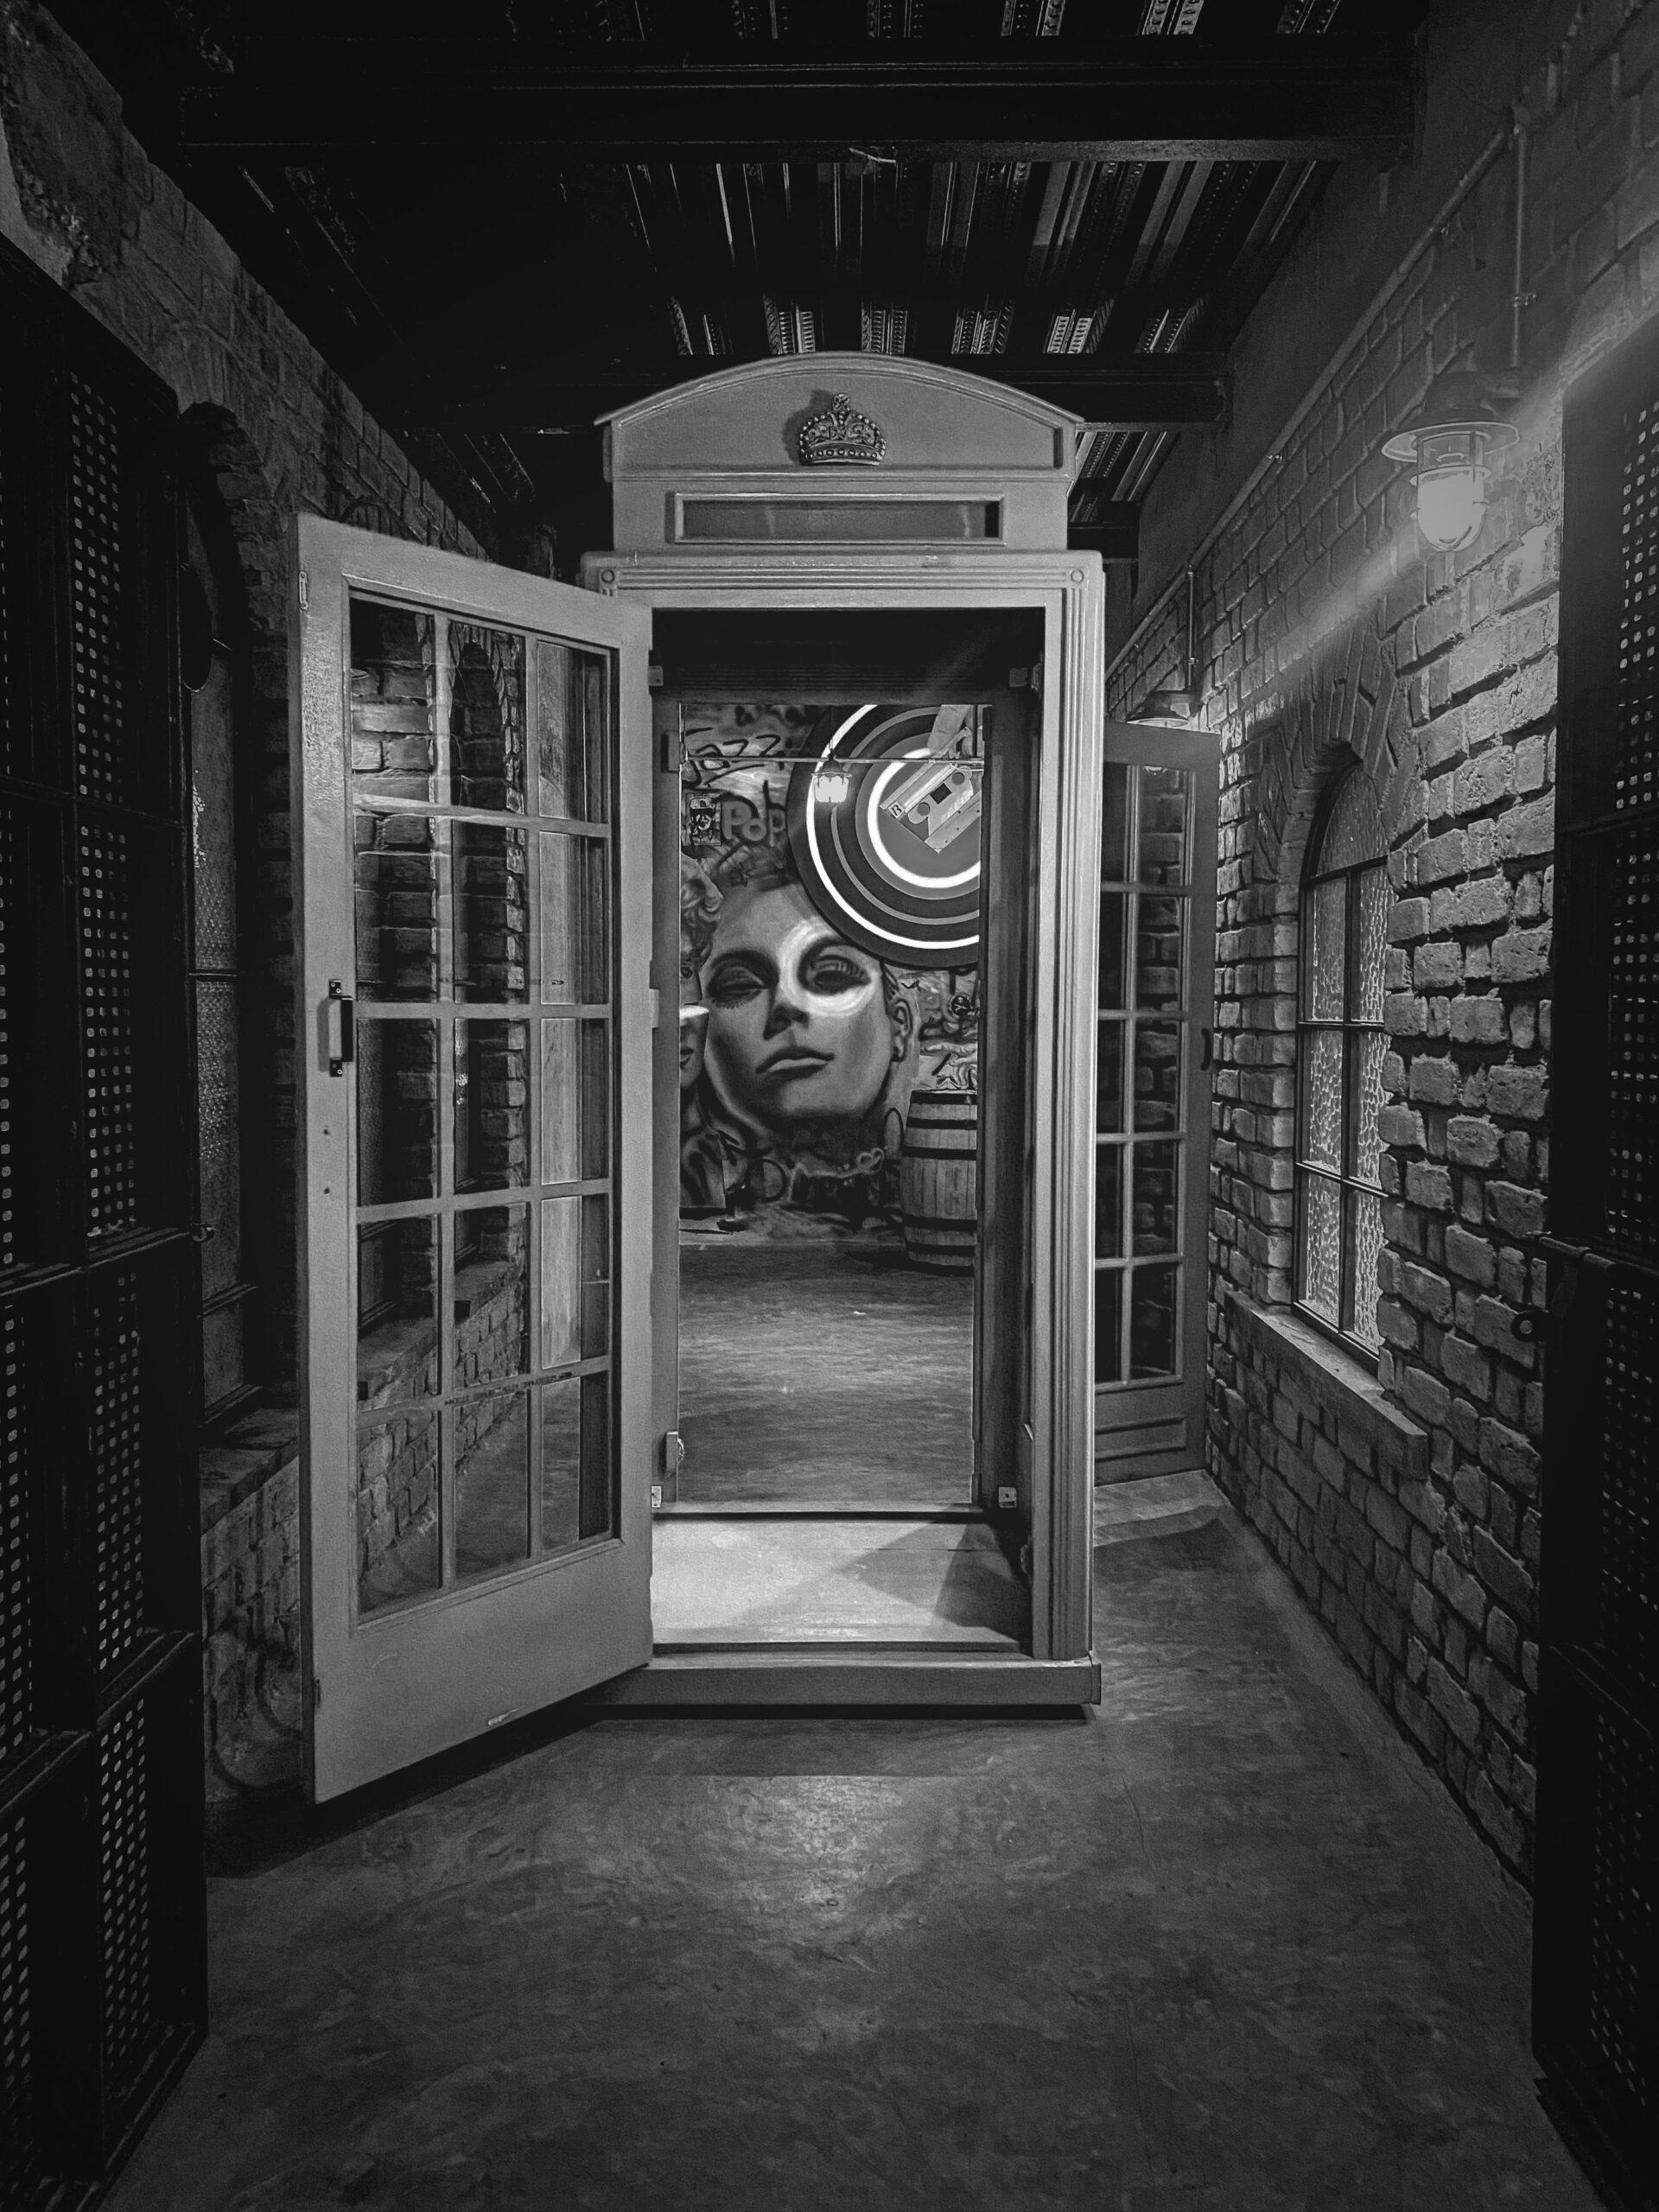 Englische Telefonzelle mit Kunst im Hintergrund